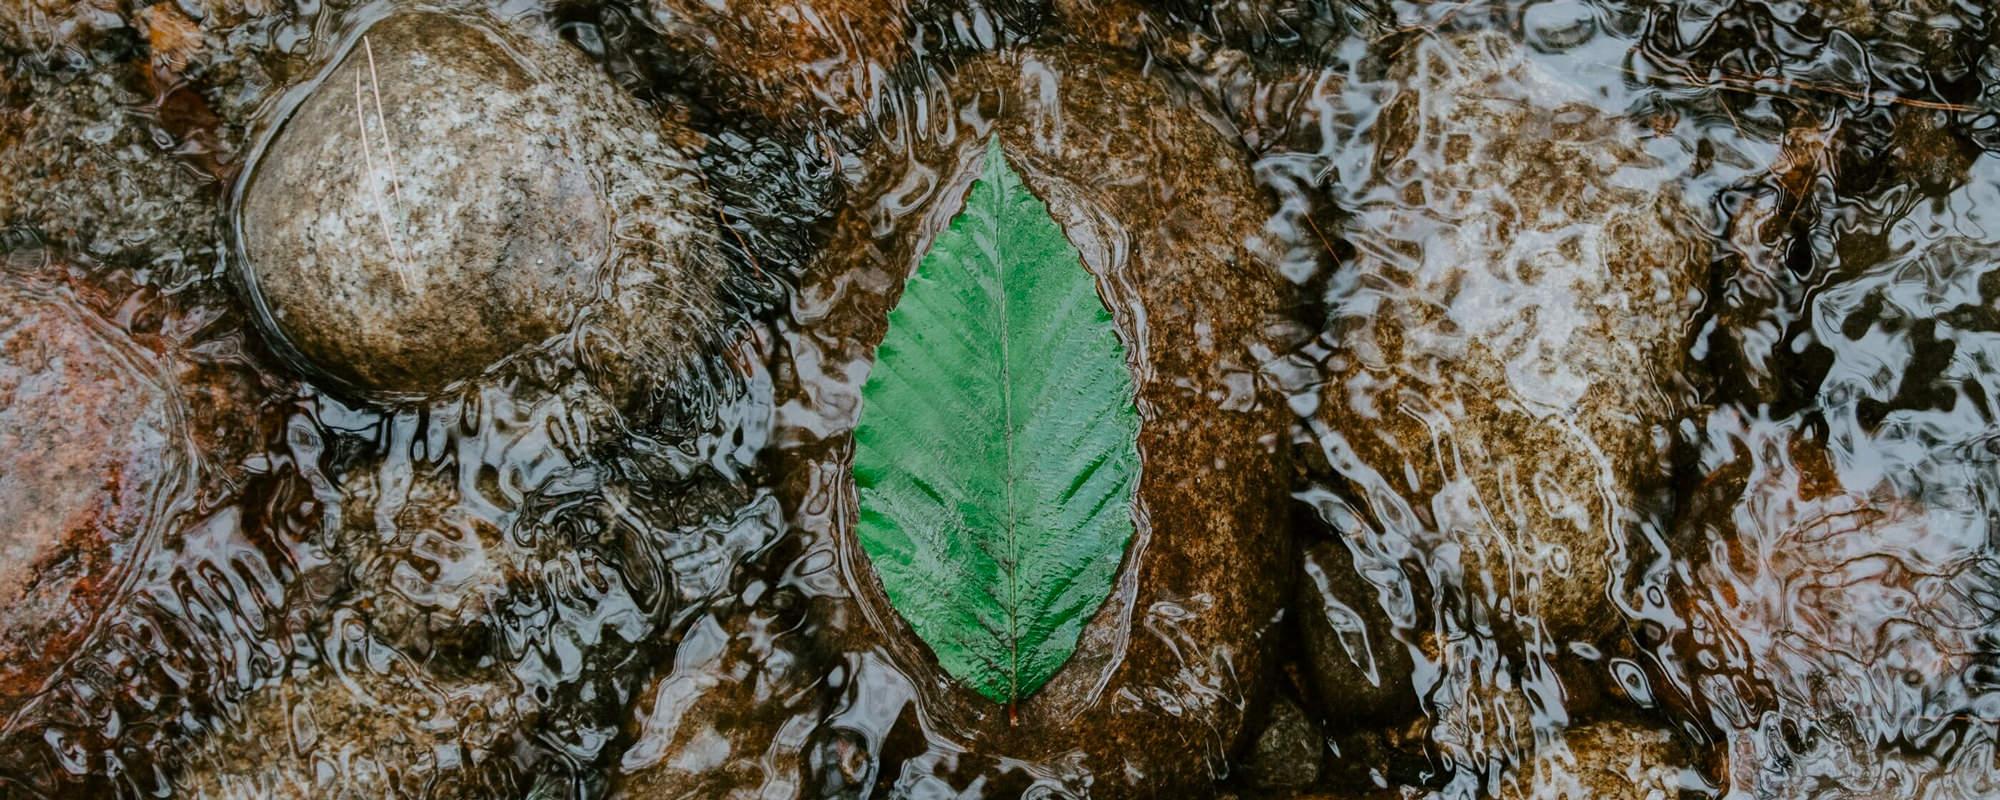 leaf-floating